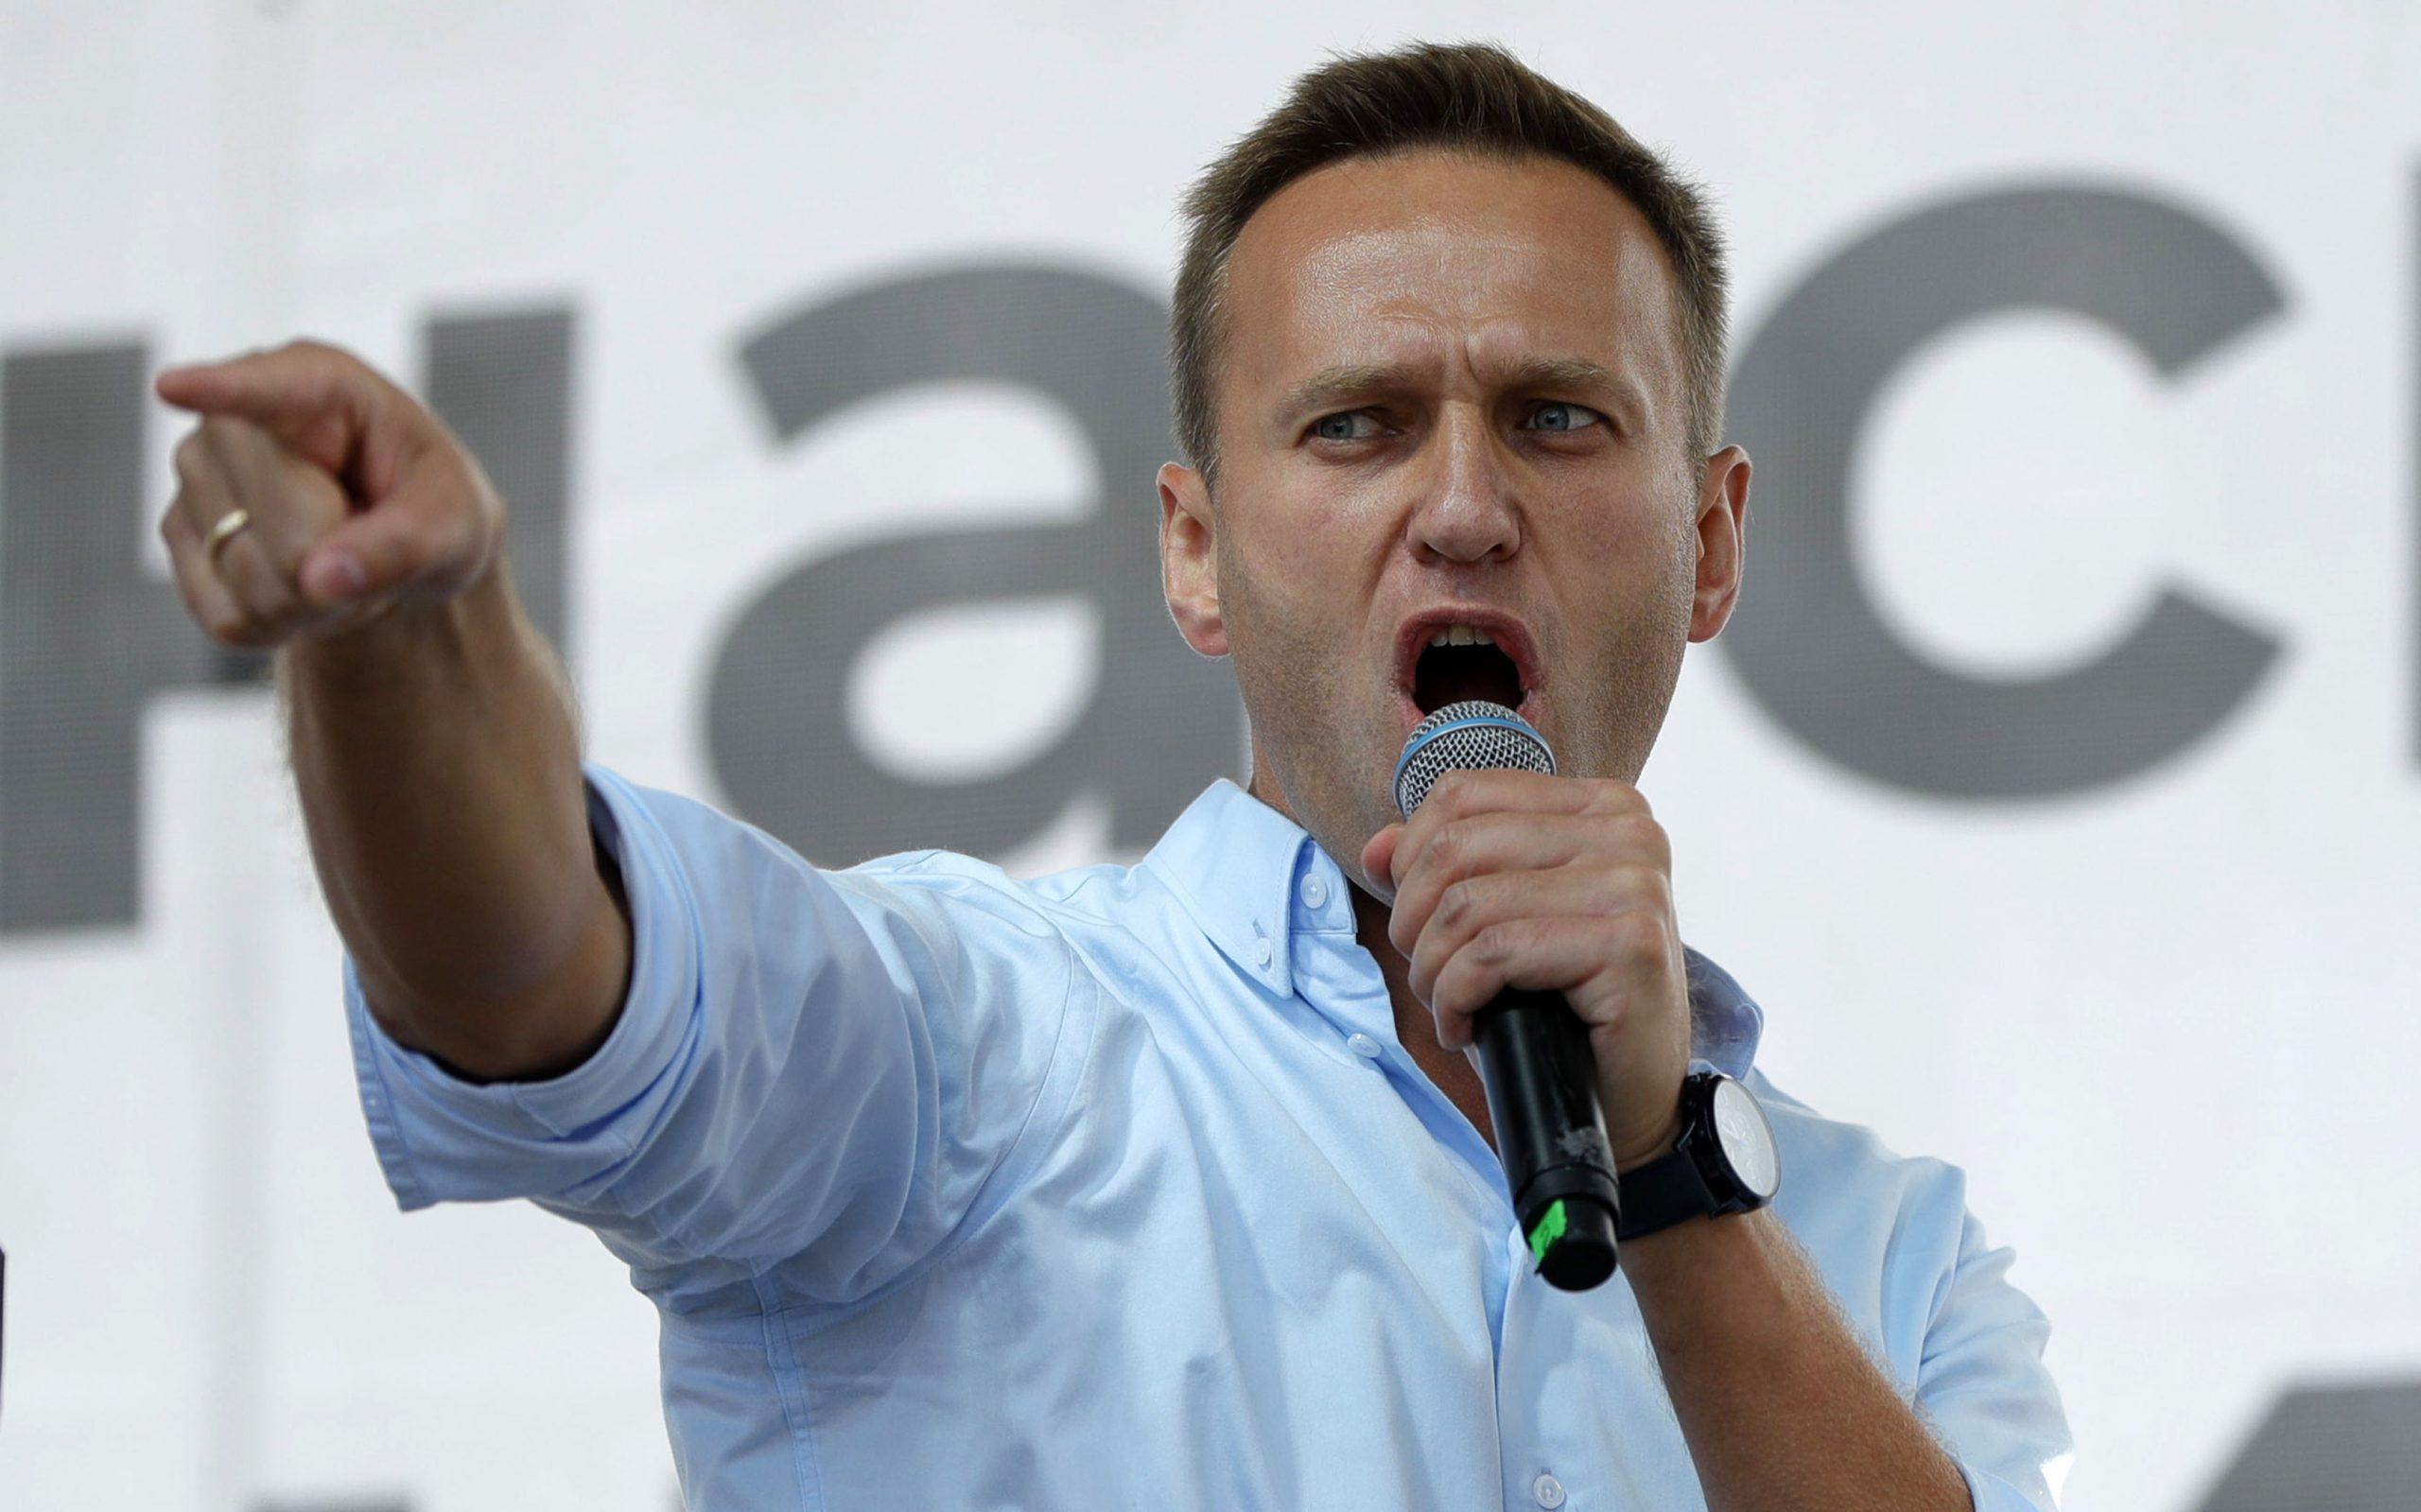 Αλεξέι Ναβάλνι: «Ο άνθρωπος που φοβάται περισσότερο ο Πούτιν» | Η ΚΑΘΗΜΕΡΙΝΗ